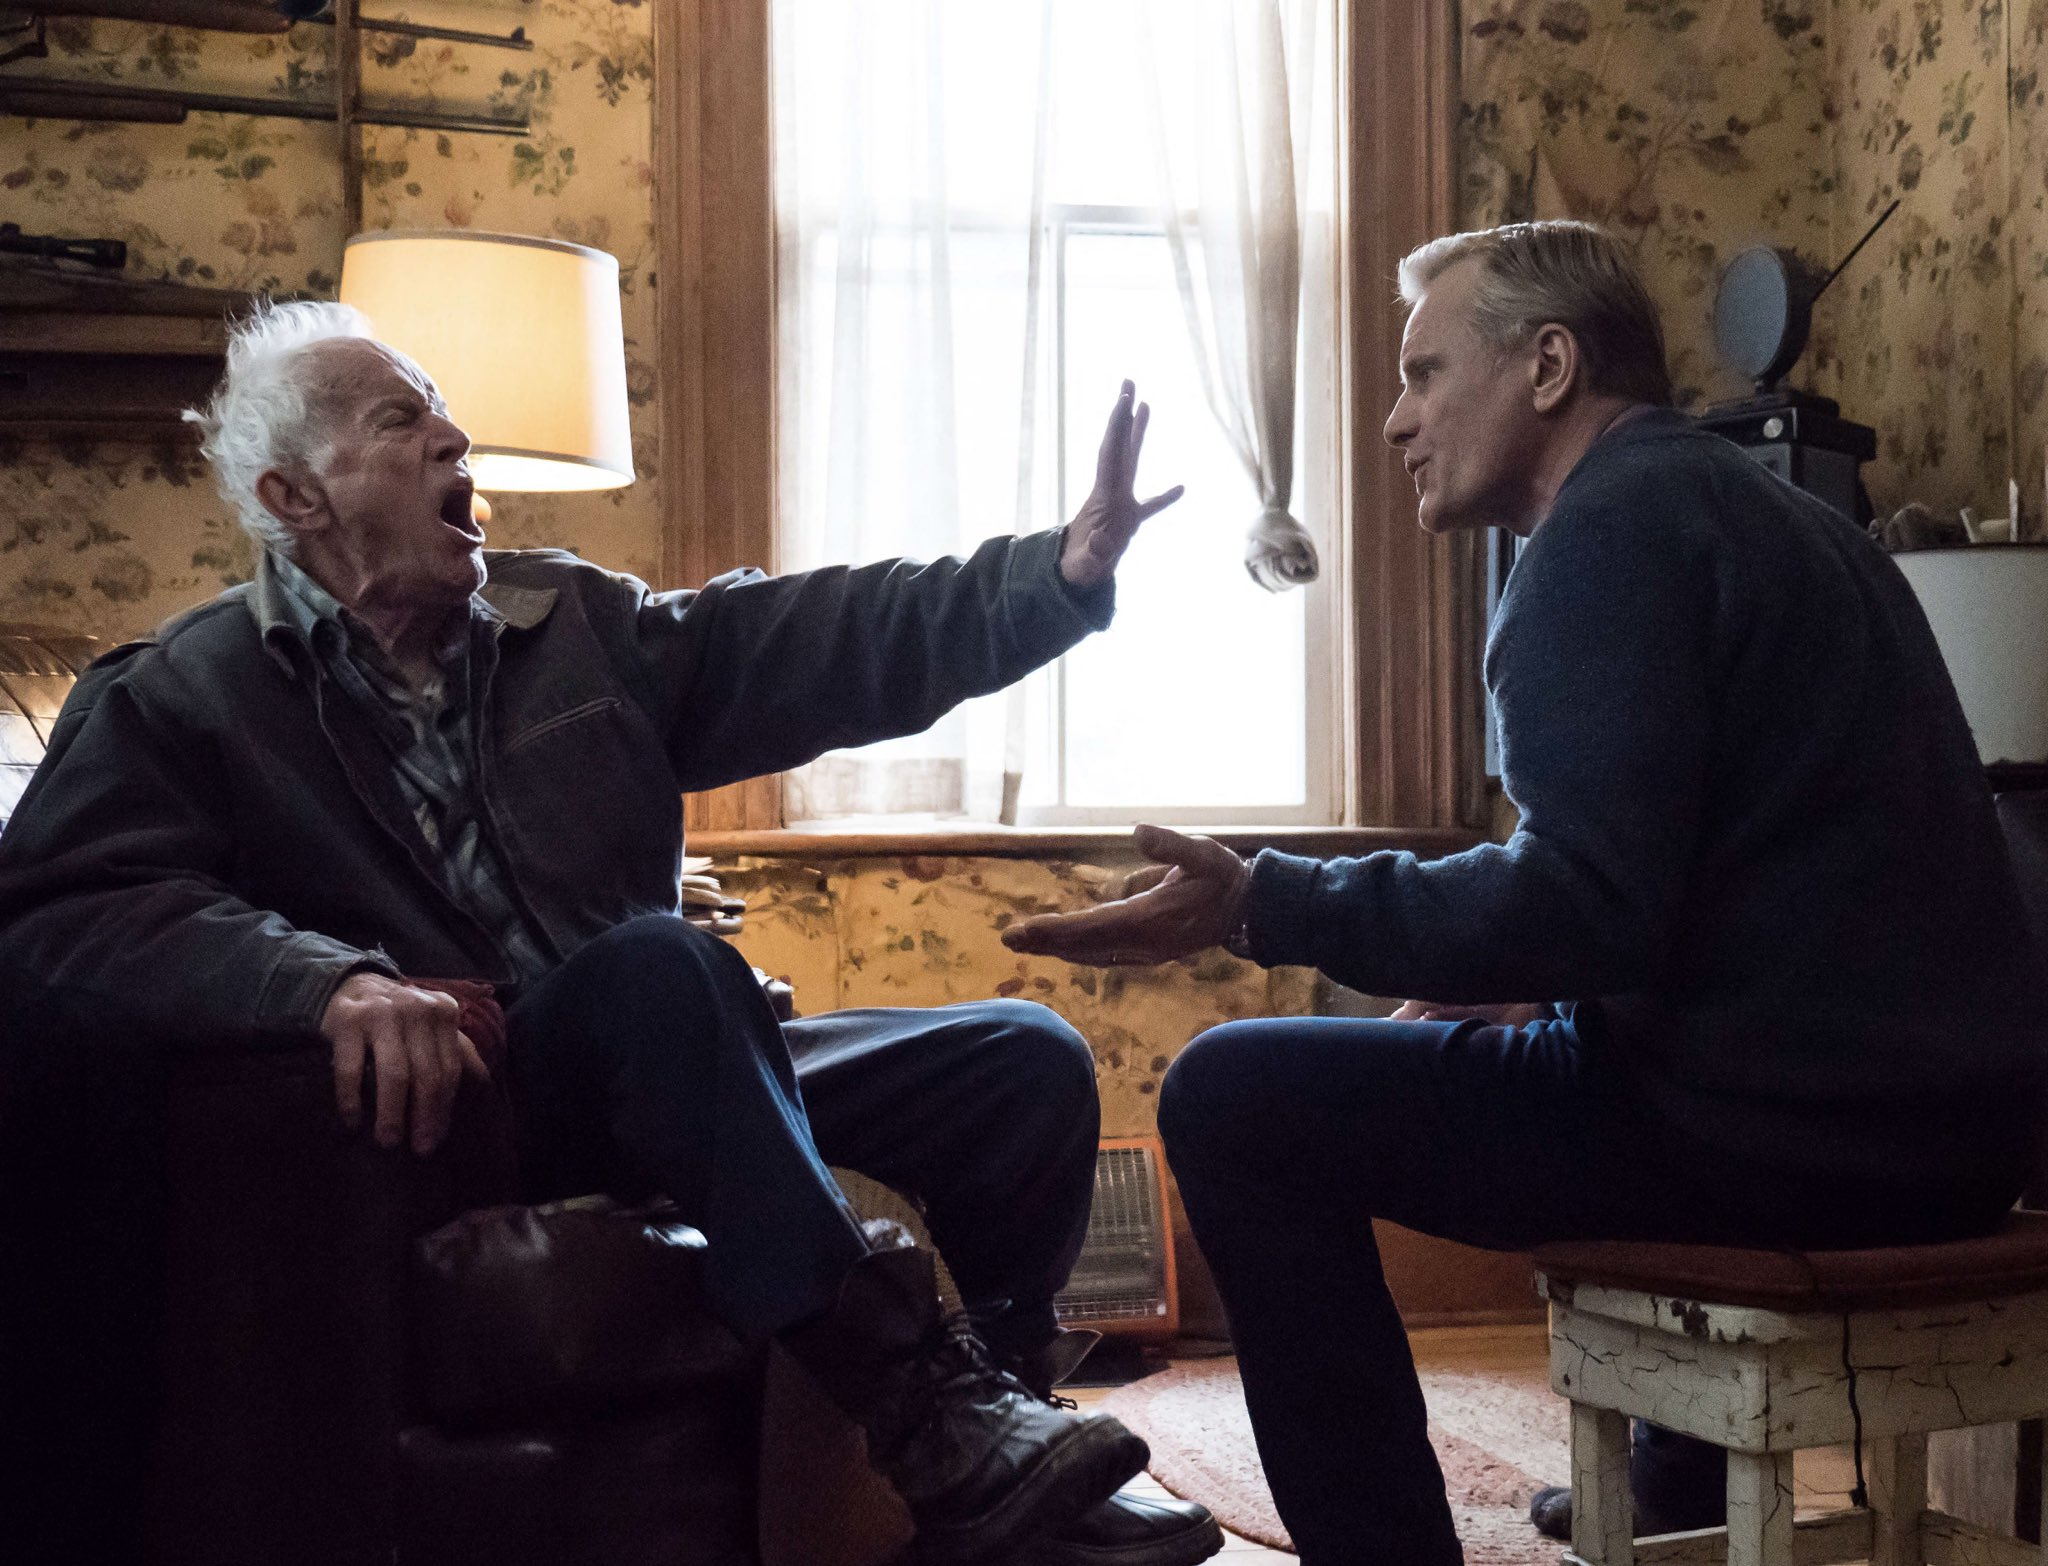 Viggo Mortensen in Falling recensie op Film Fest Gent 2020